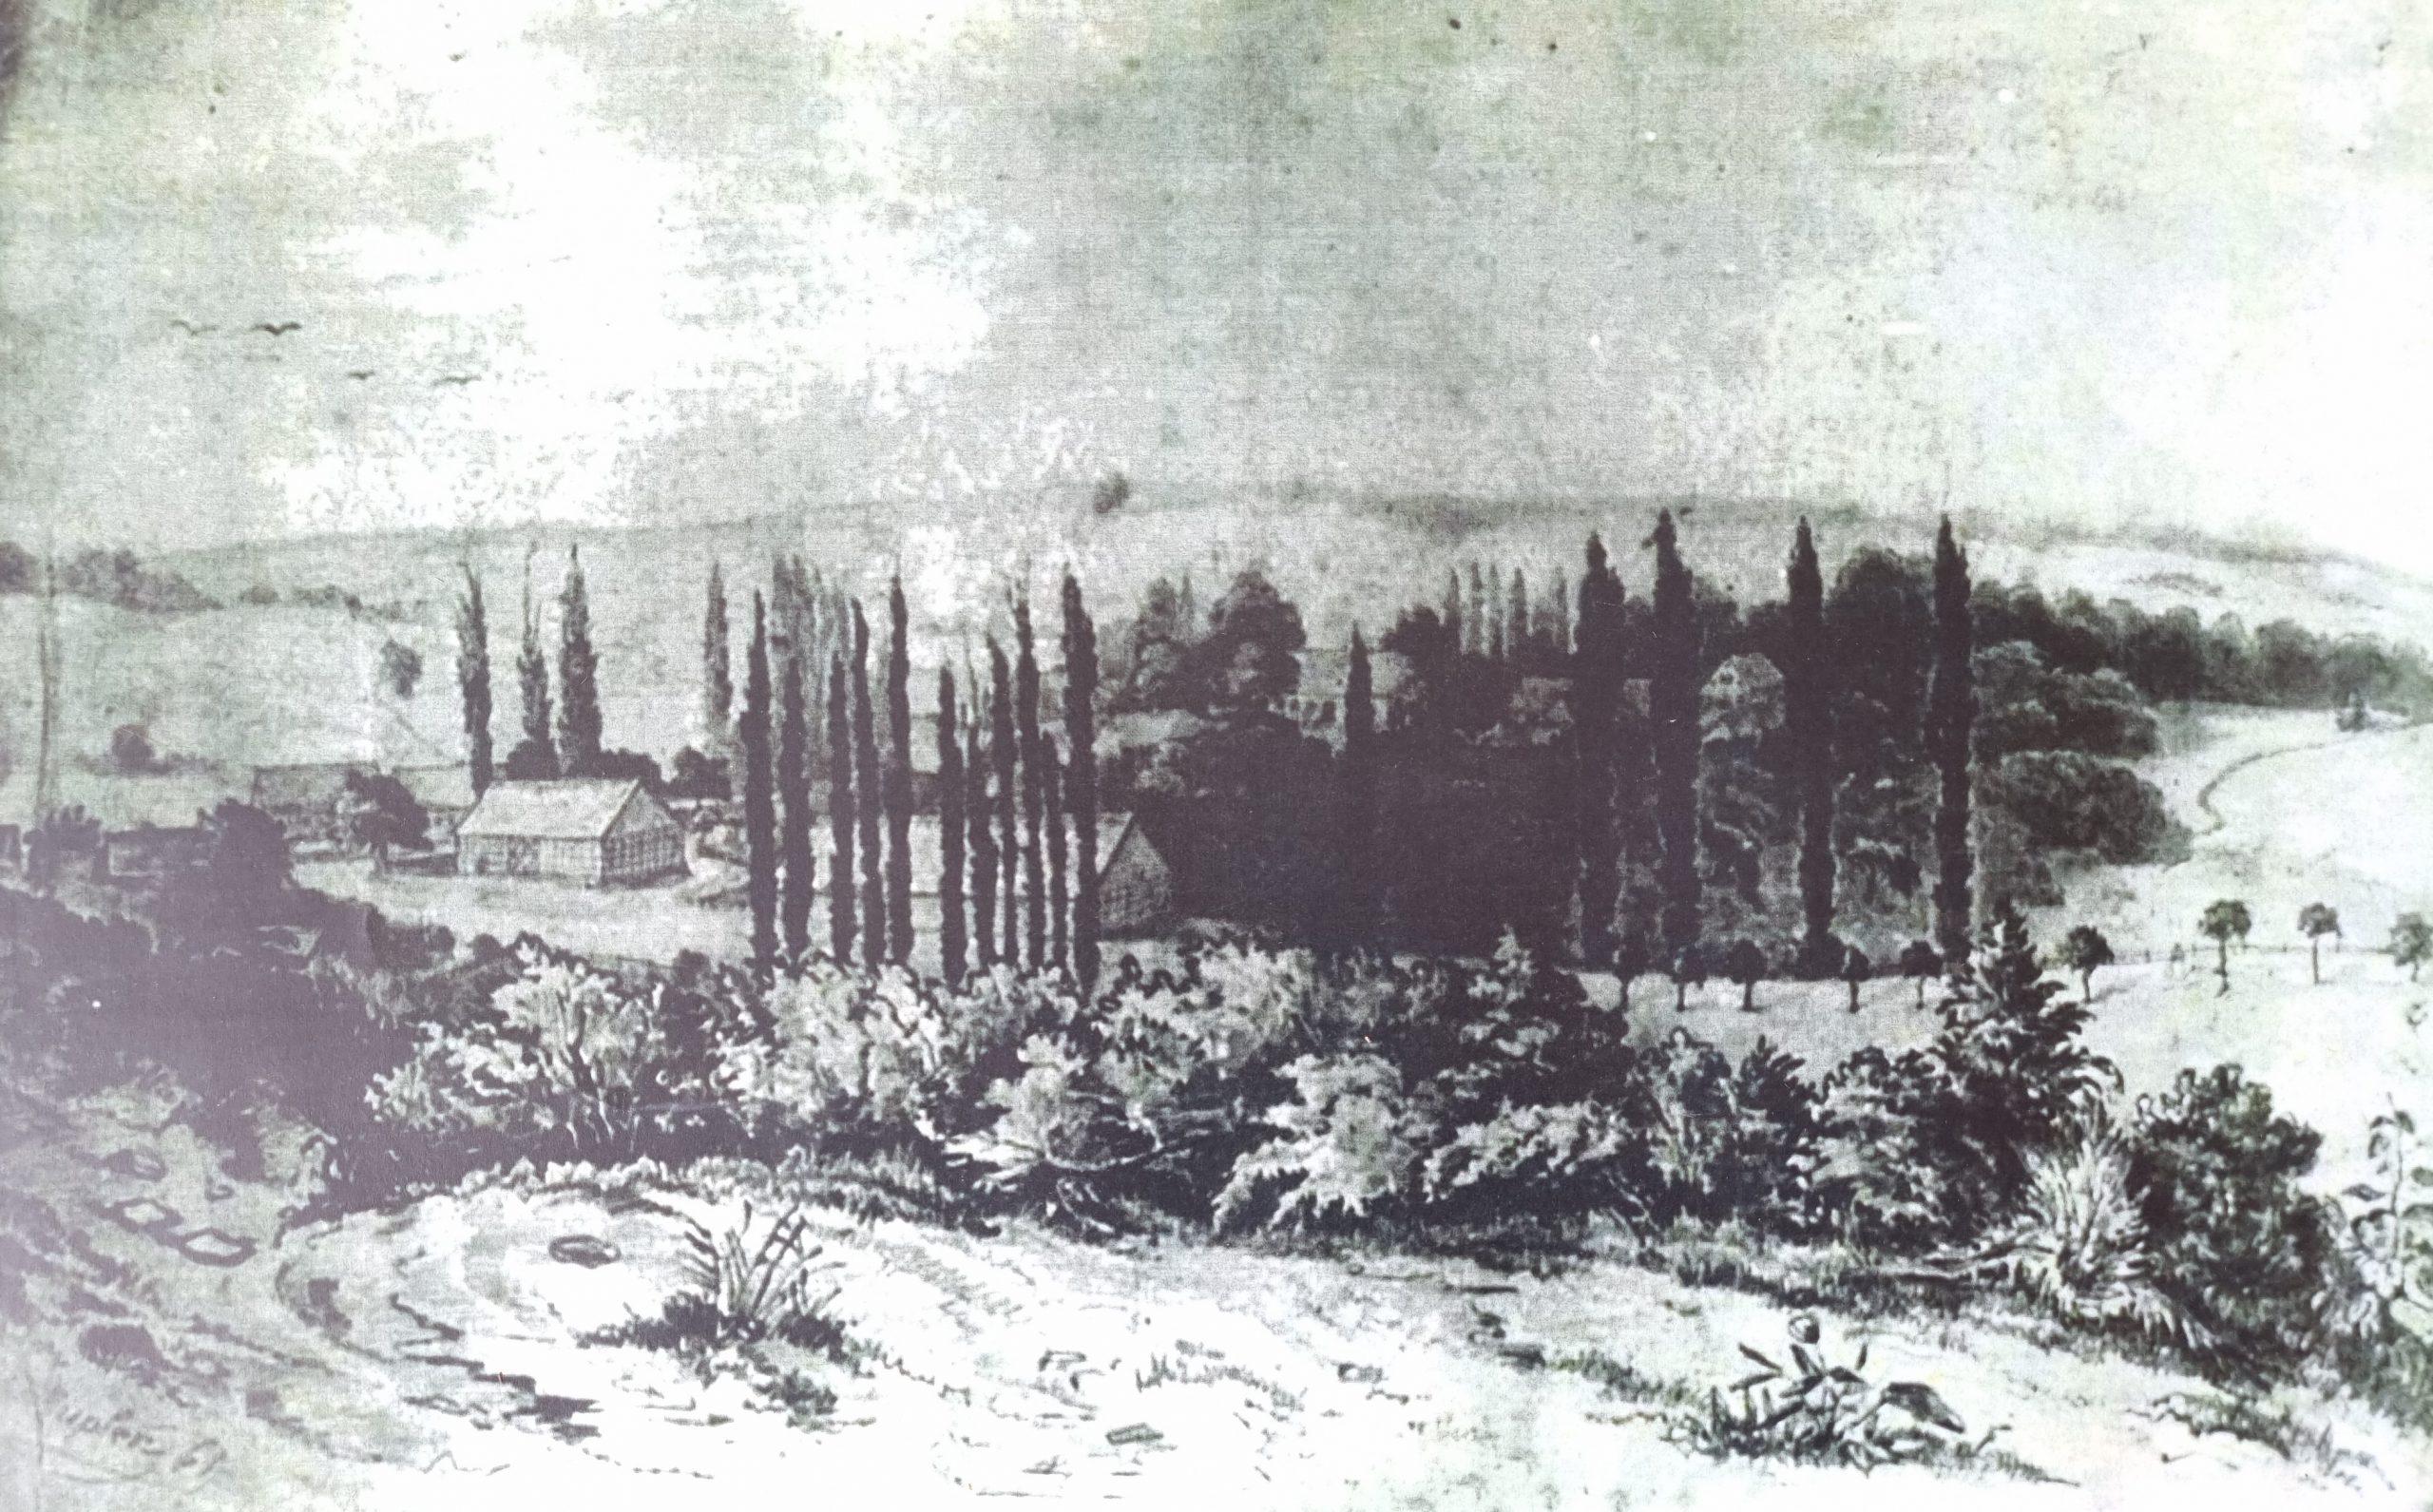 widok ogólny folwarku w Mniszkach ok. poł XIX w.